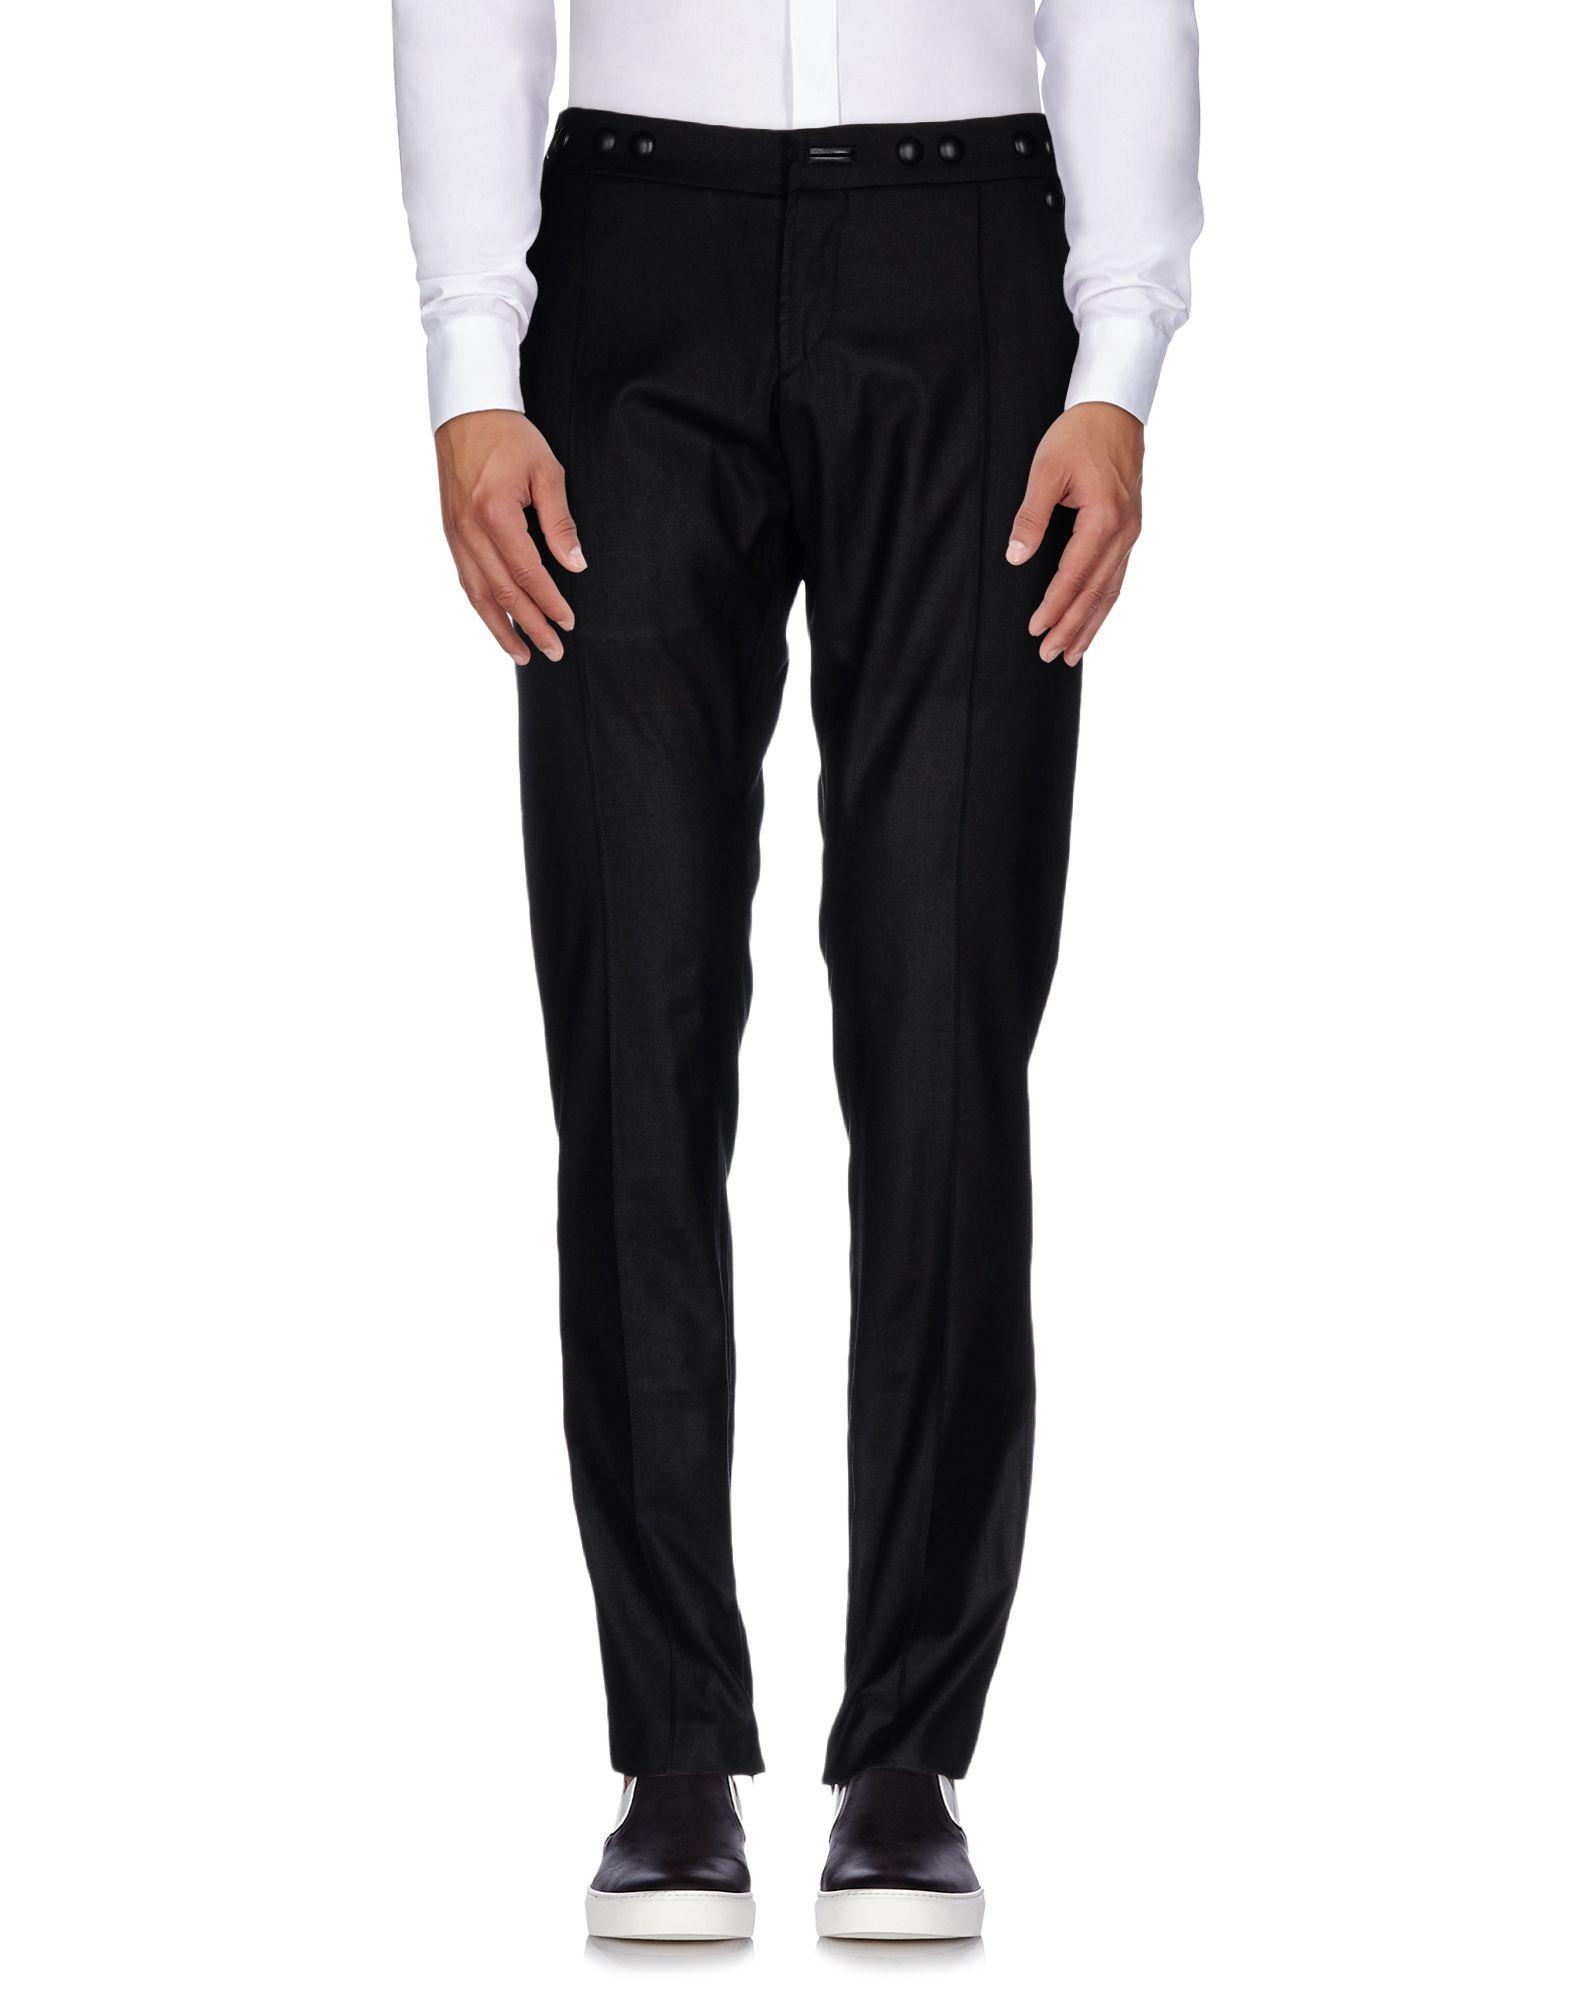 Pantalone Karl Lagerfeld Donna - Acquista online su